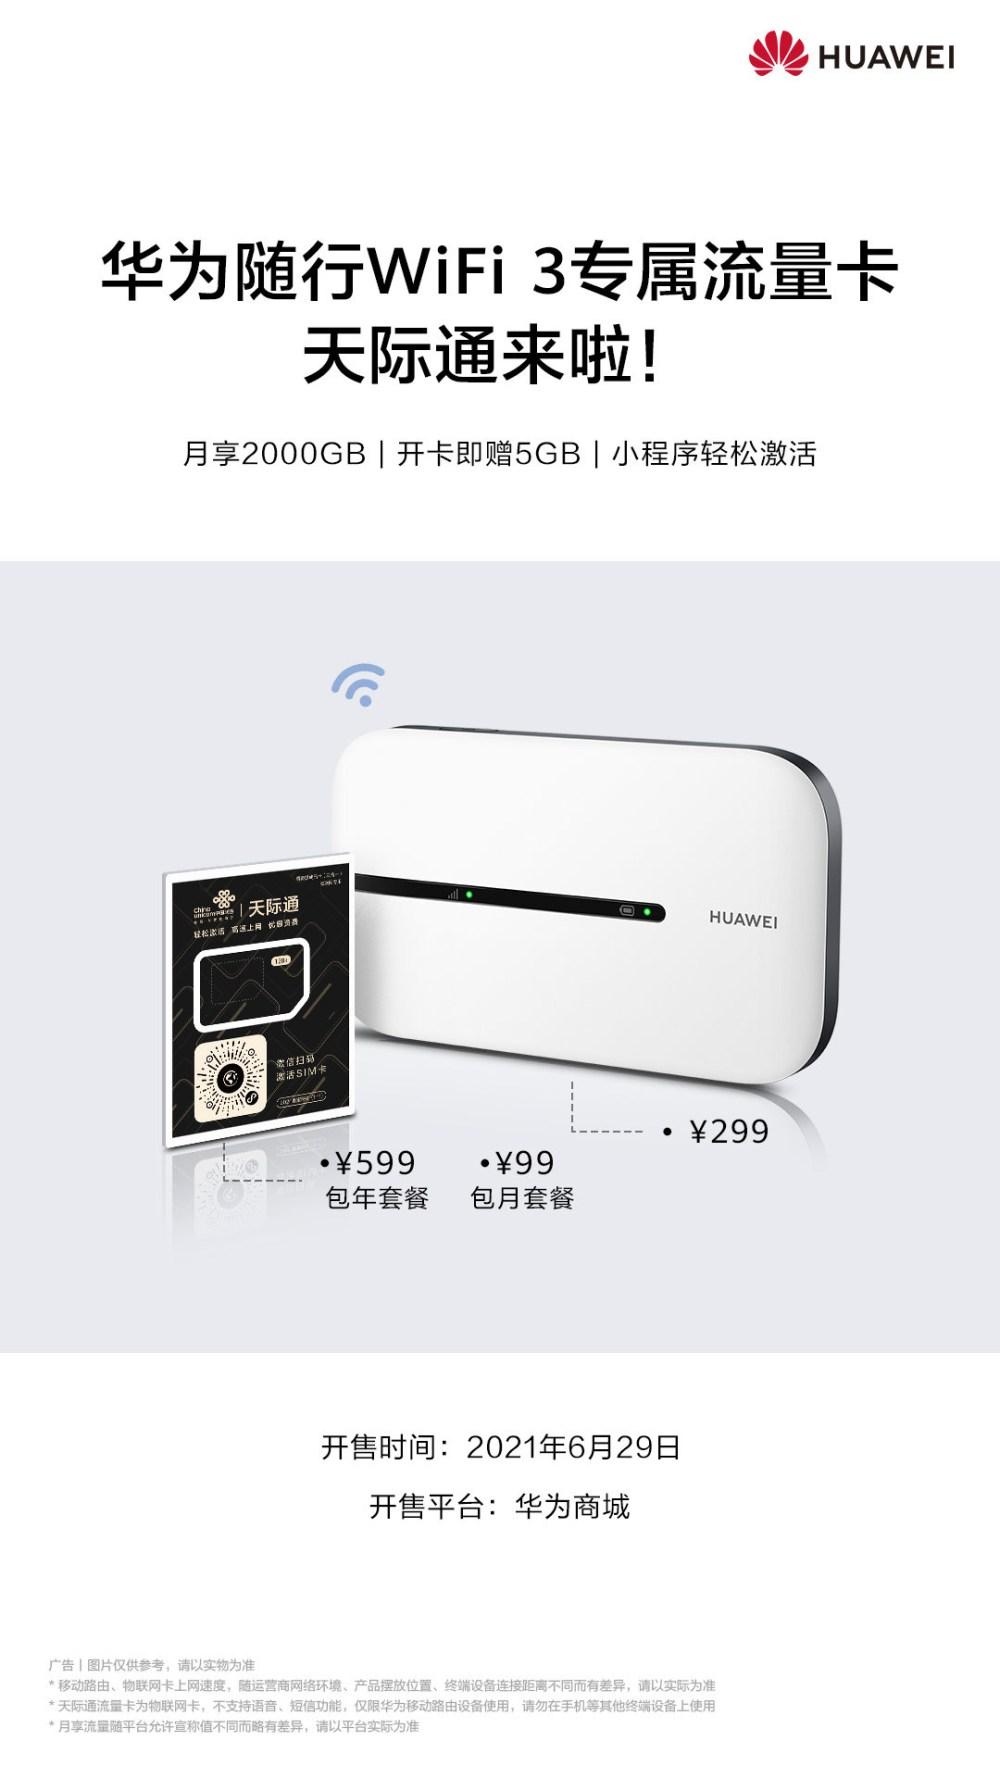 WiFi 3 data card